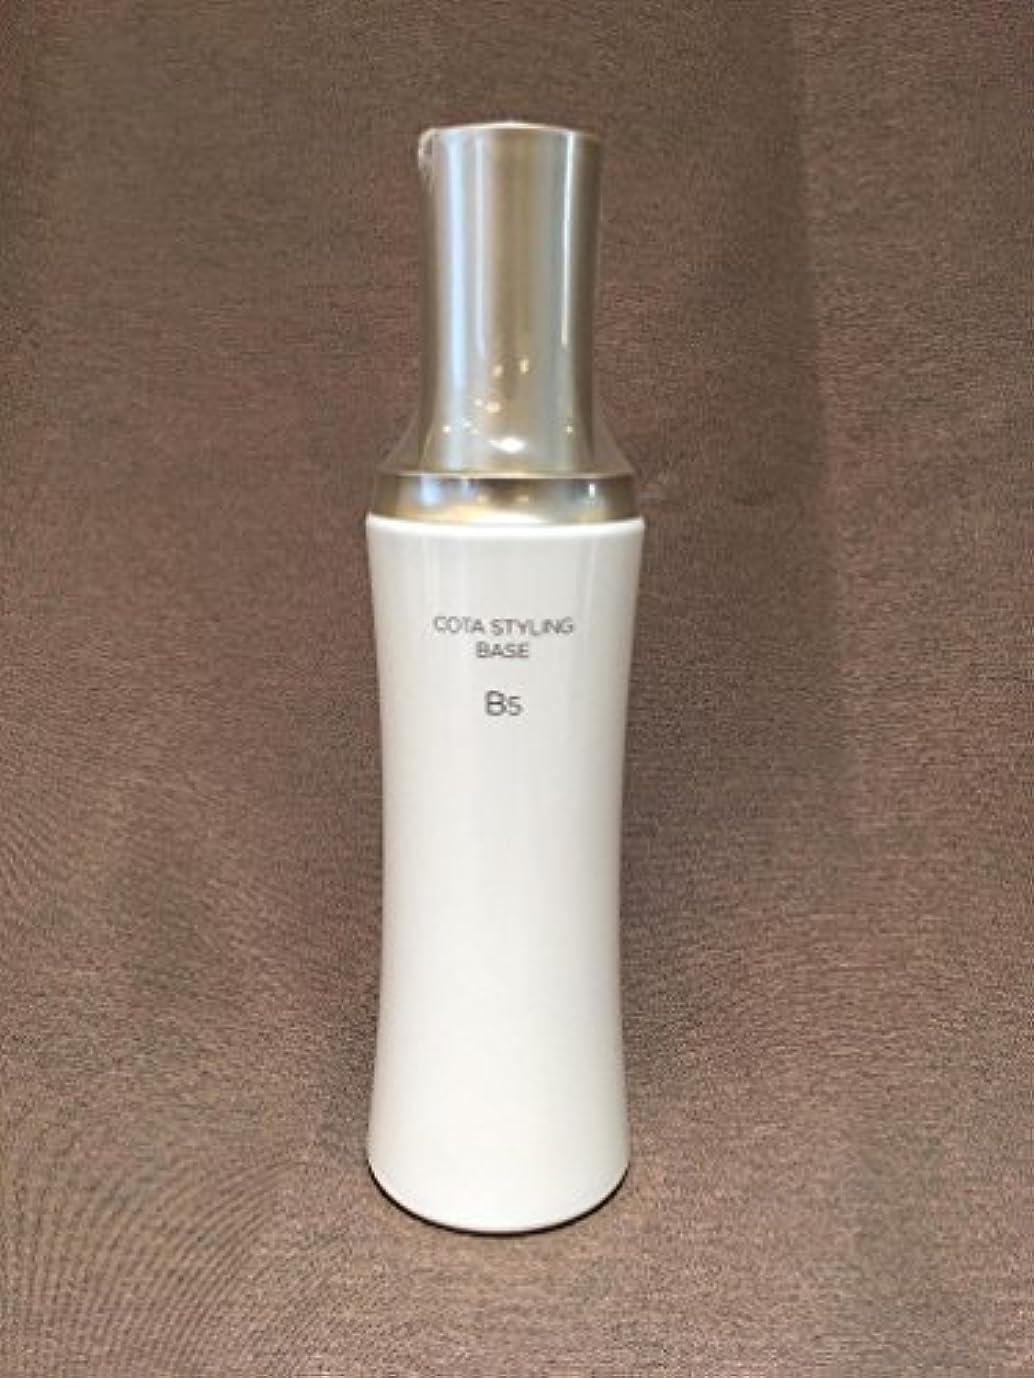 テラス不健全請願者コタ スタイリング ベース B5 200g